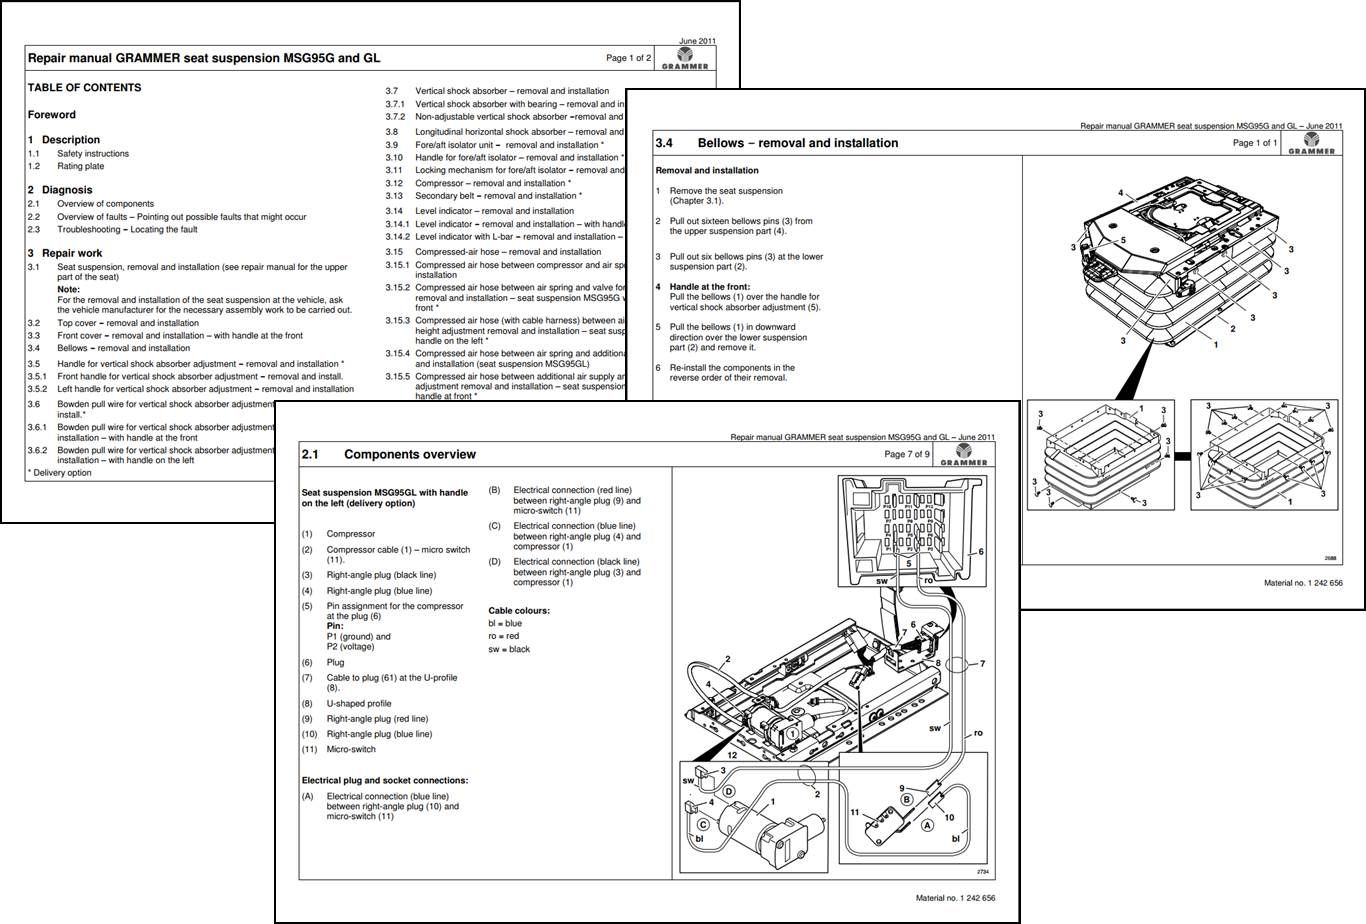 GRAMMER seat repair manuals